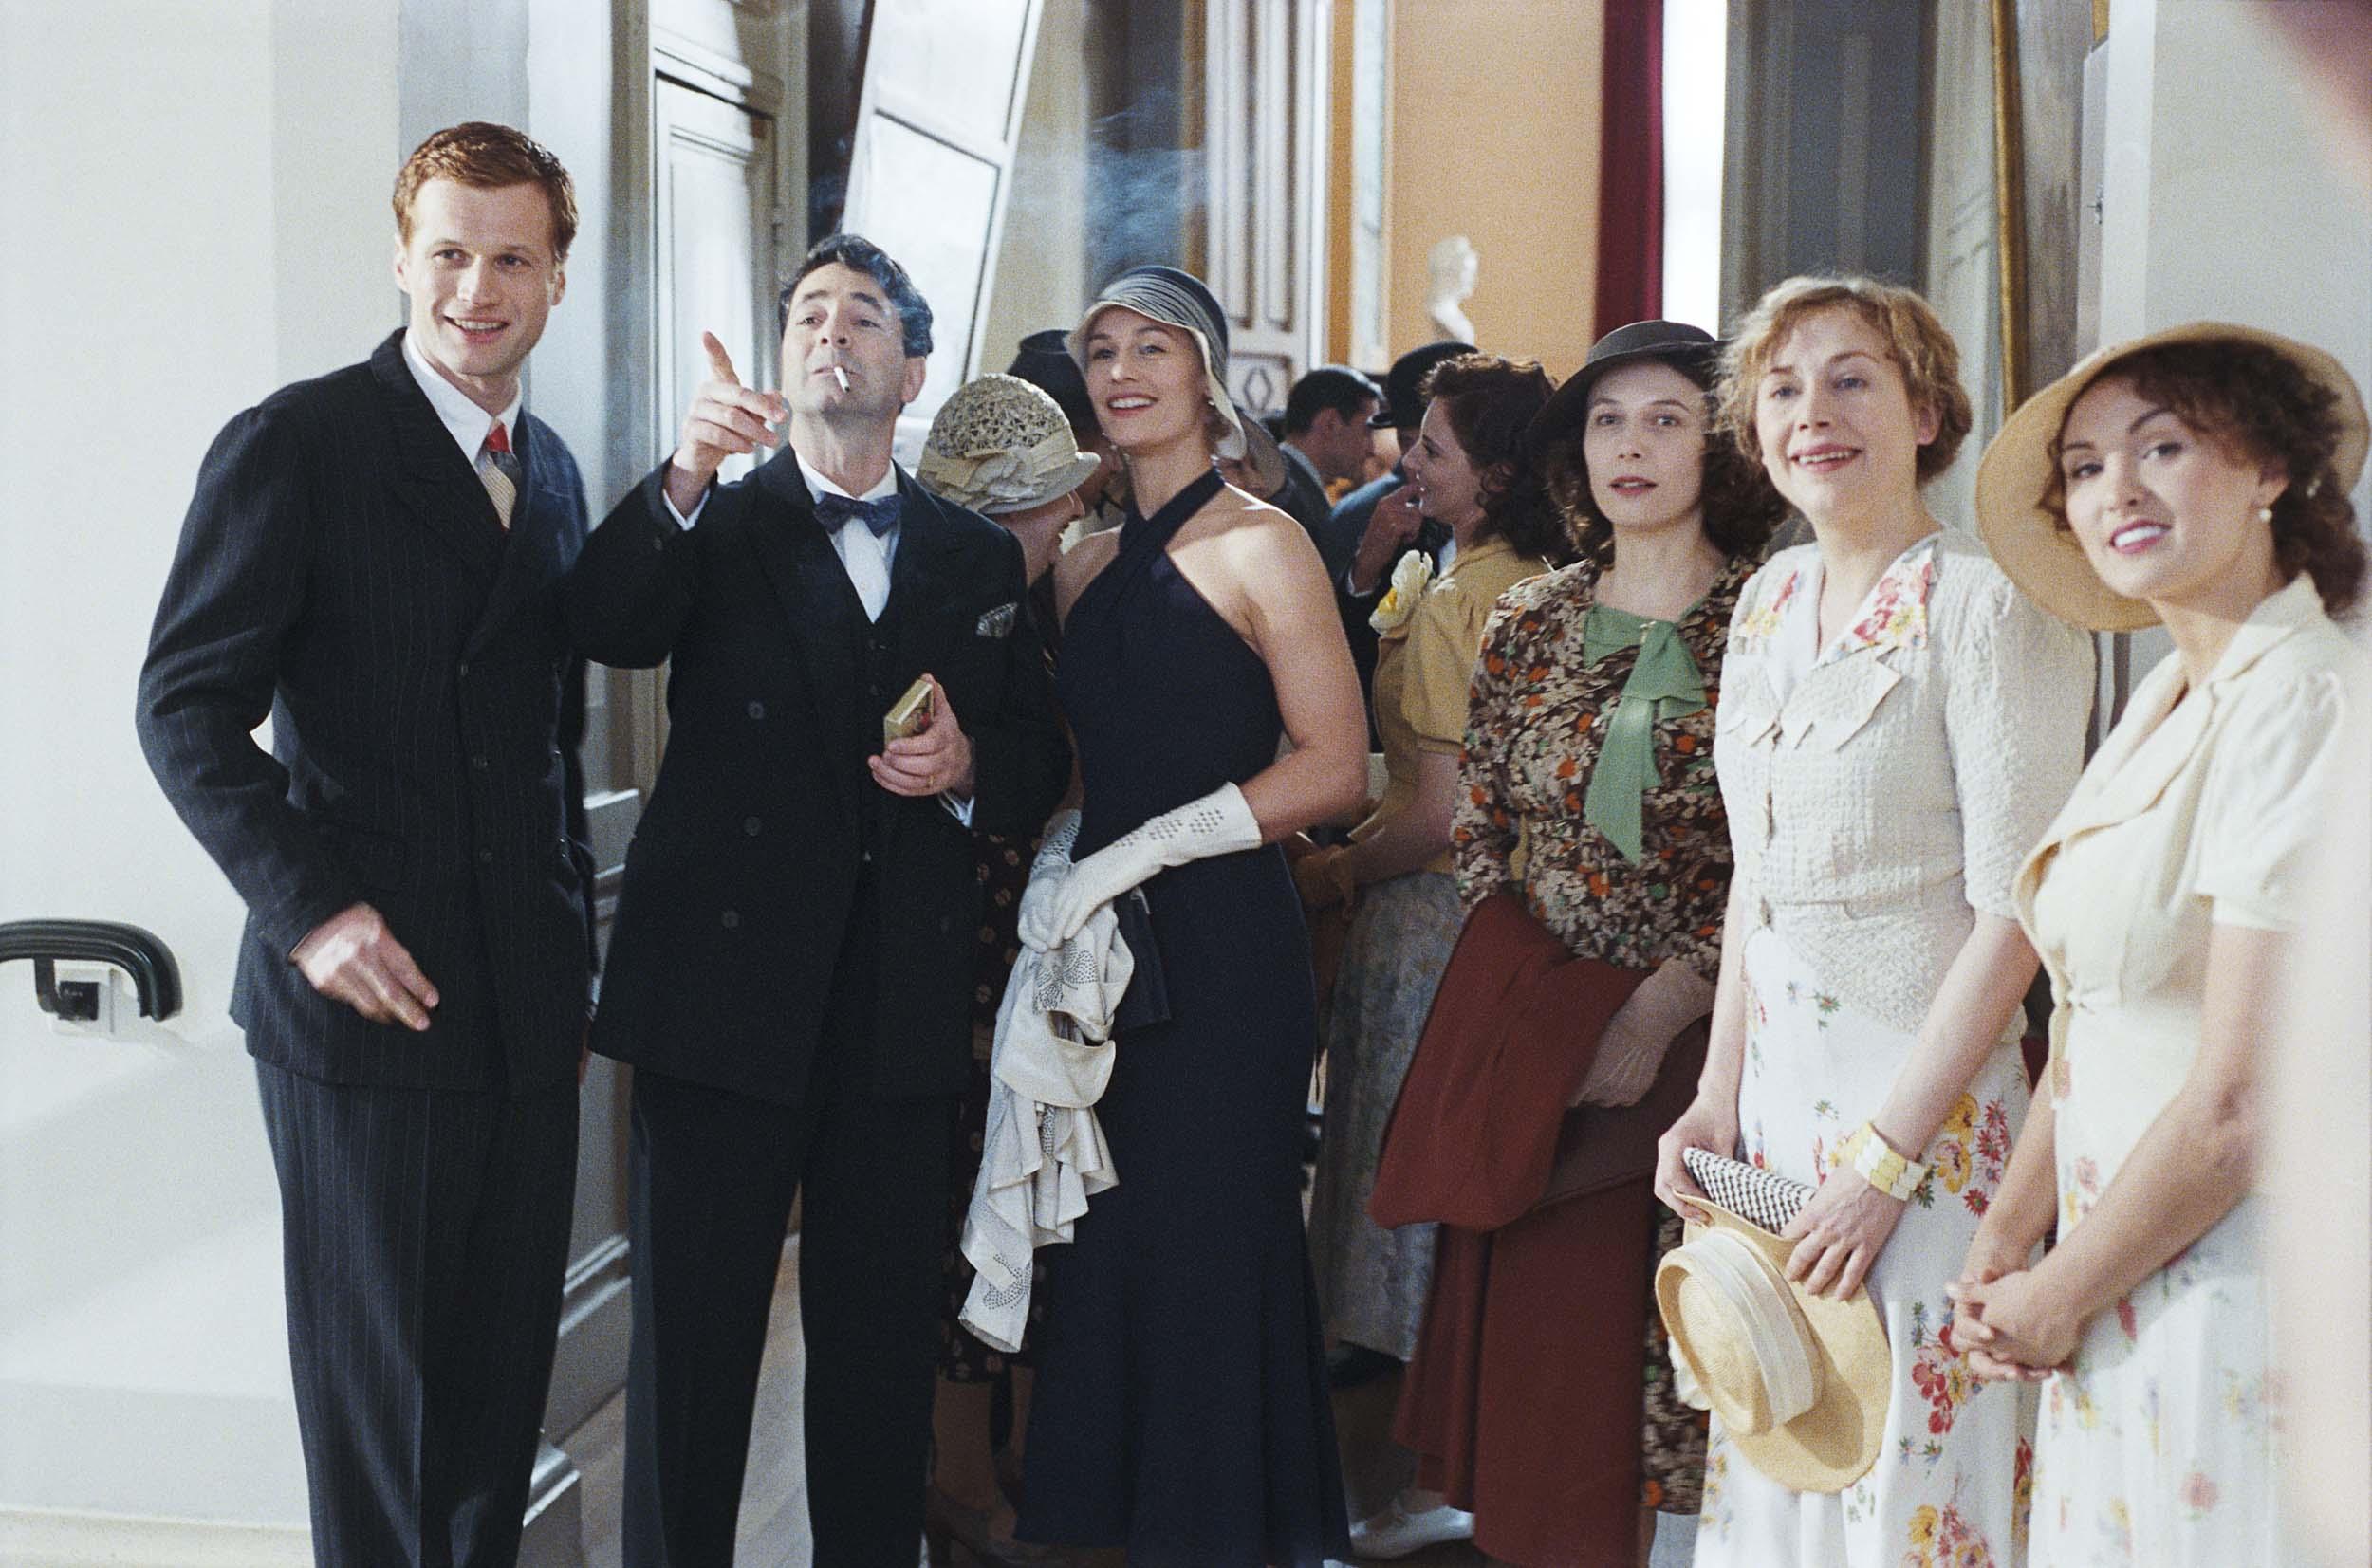 Großartig Schwarze Krawatte Partei Dresscode Bilder - Brautkleider ...